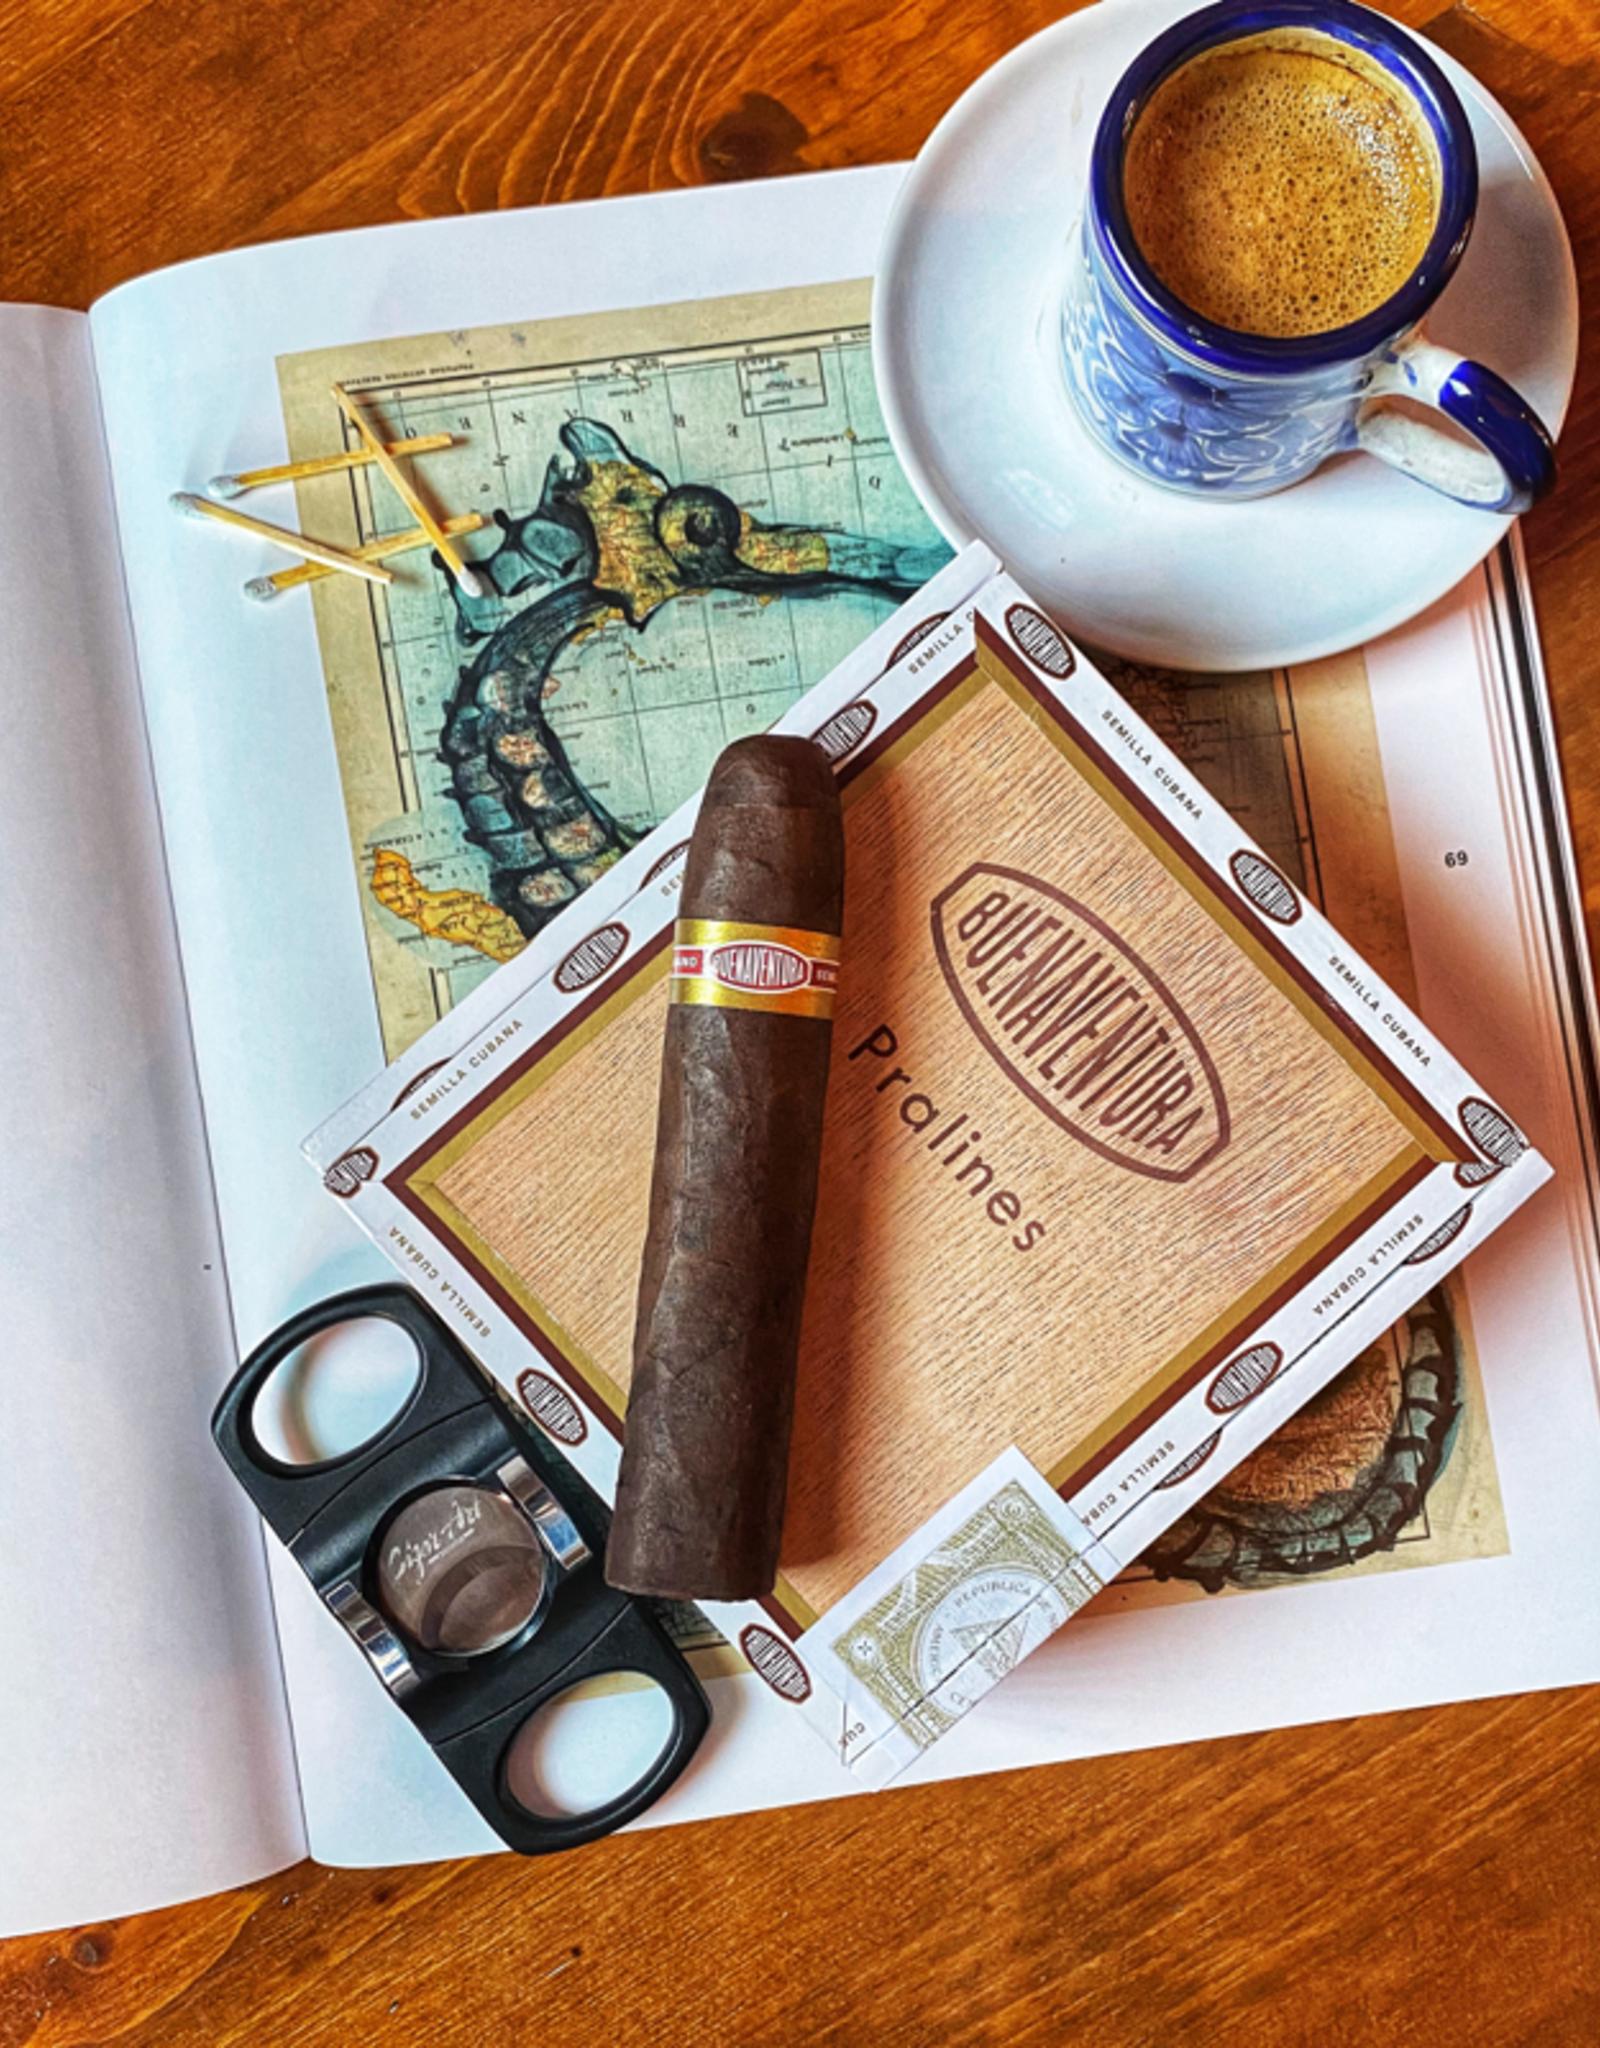 Curivari Cigars Curivari Buenaventura Pralines 460 Box Pressed Belicoso 4 x 60